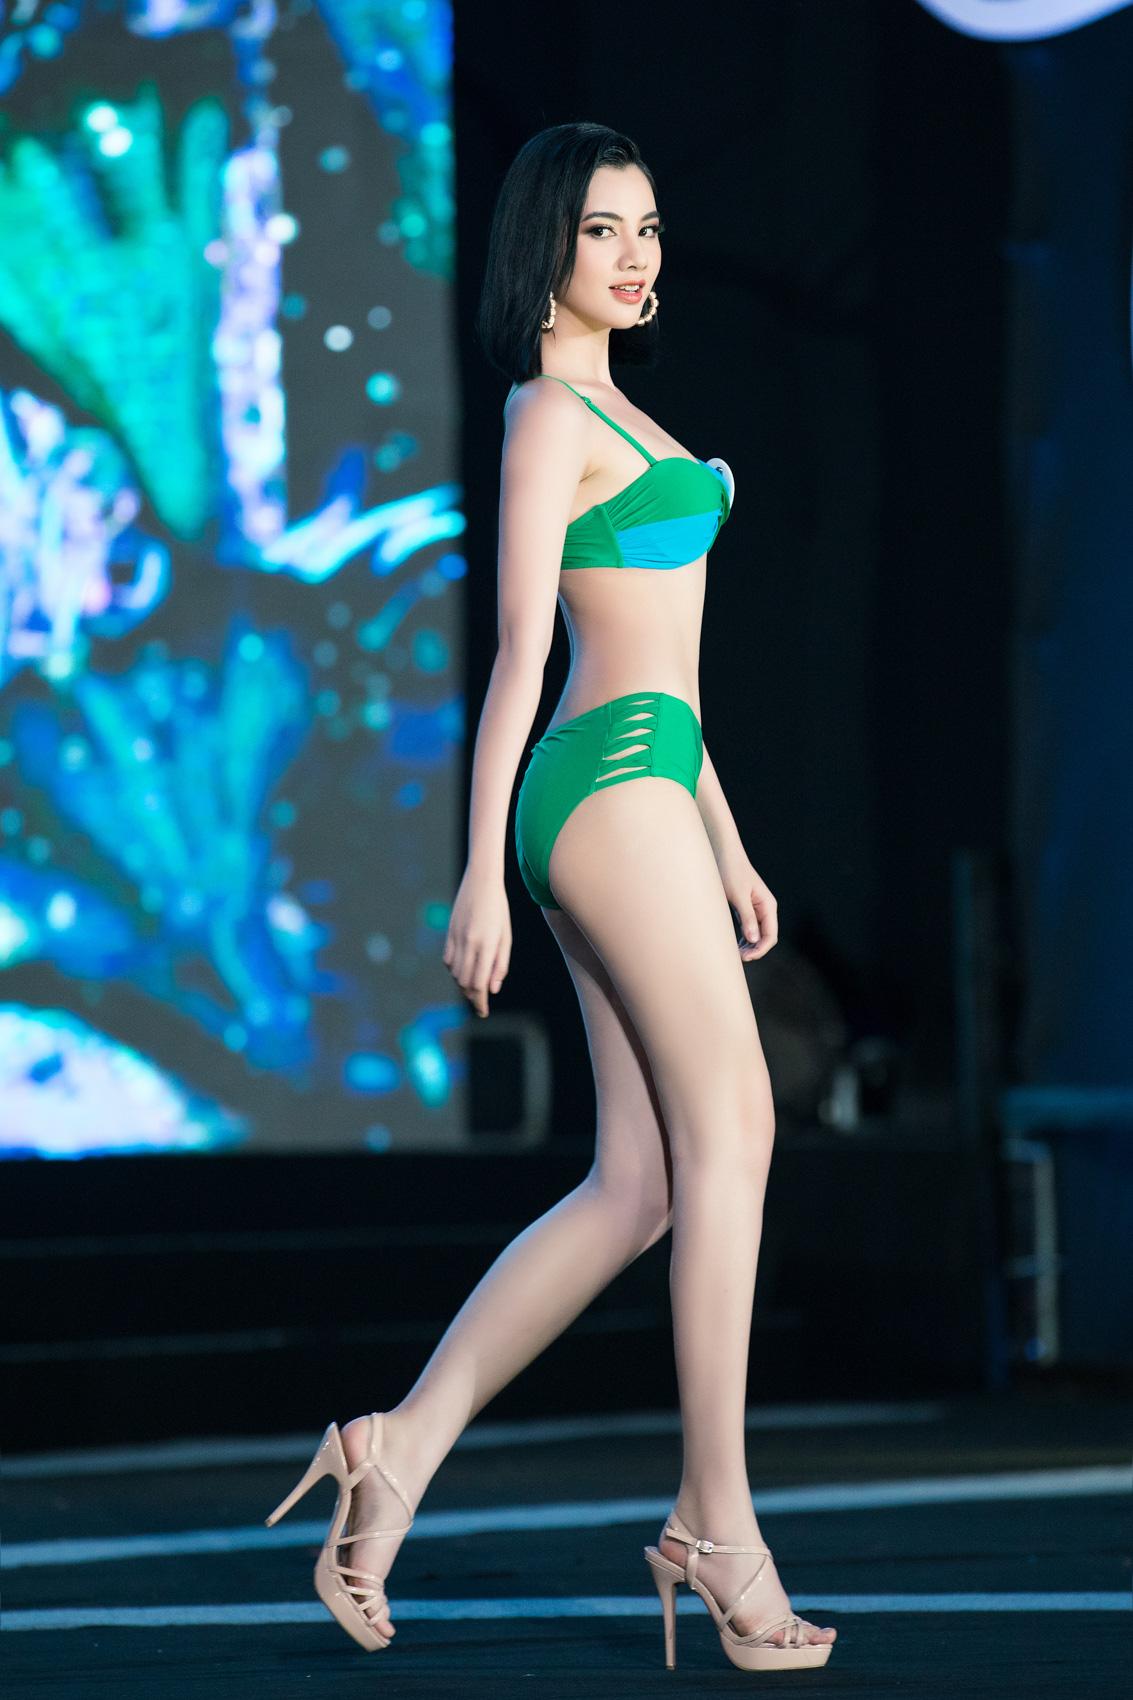 """Top 40 mặc bikini quyến rũ """"bỏng rẫy"""" gây """"sốt"""" tại Bán kết Hoa hậu Việt Nam 2020  - Ảnh 4."""